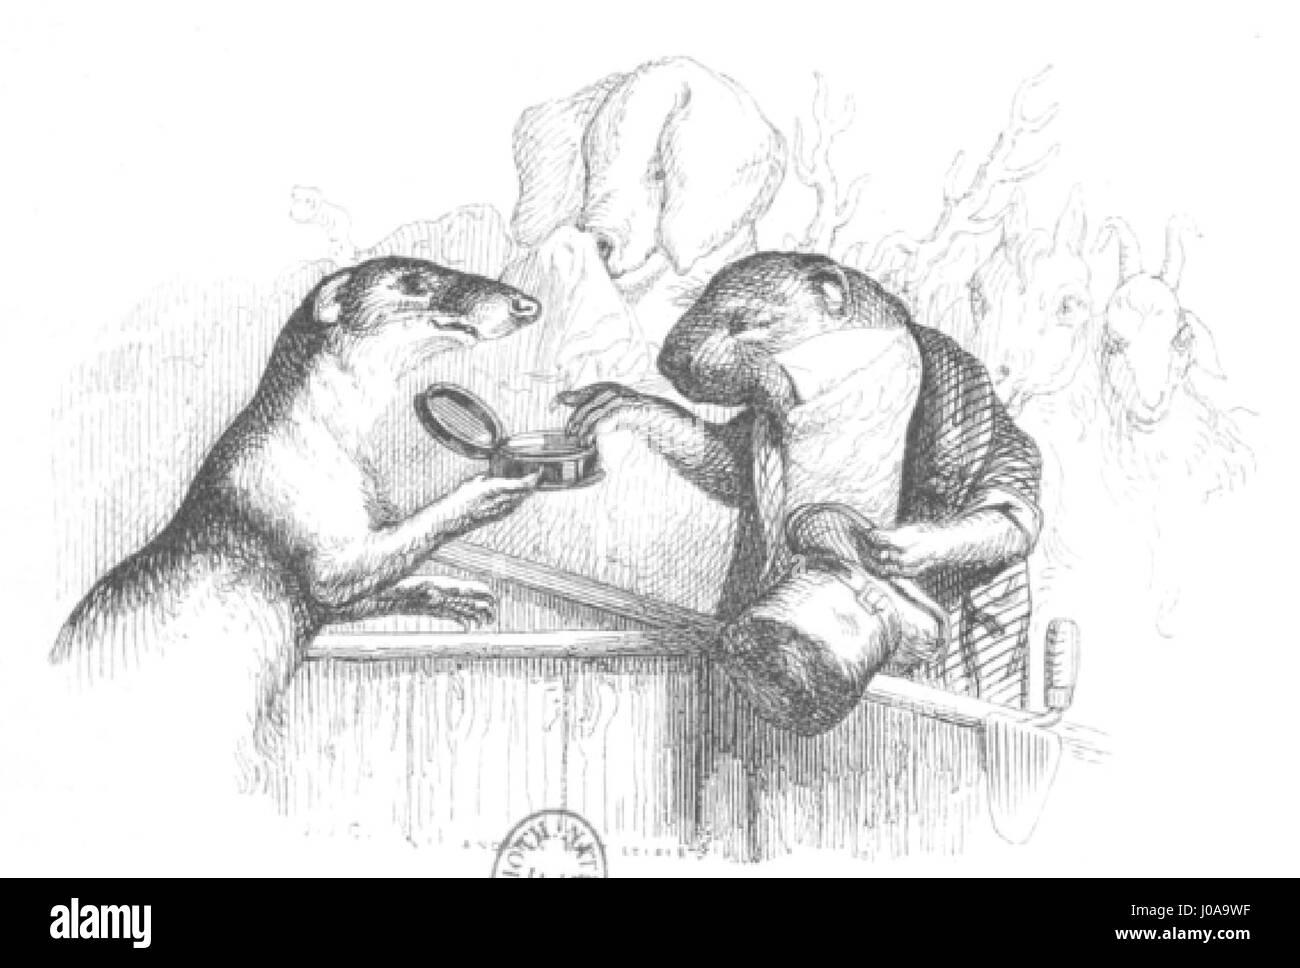 Scènes de la vie privée et publique des animaux, tome 1 0055 - Stock Image